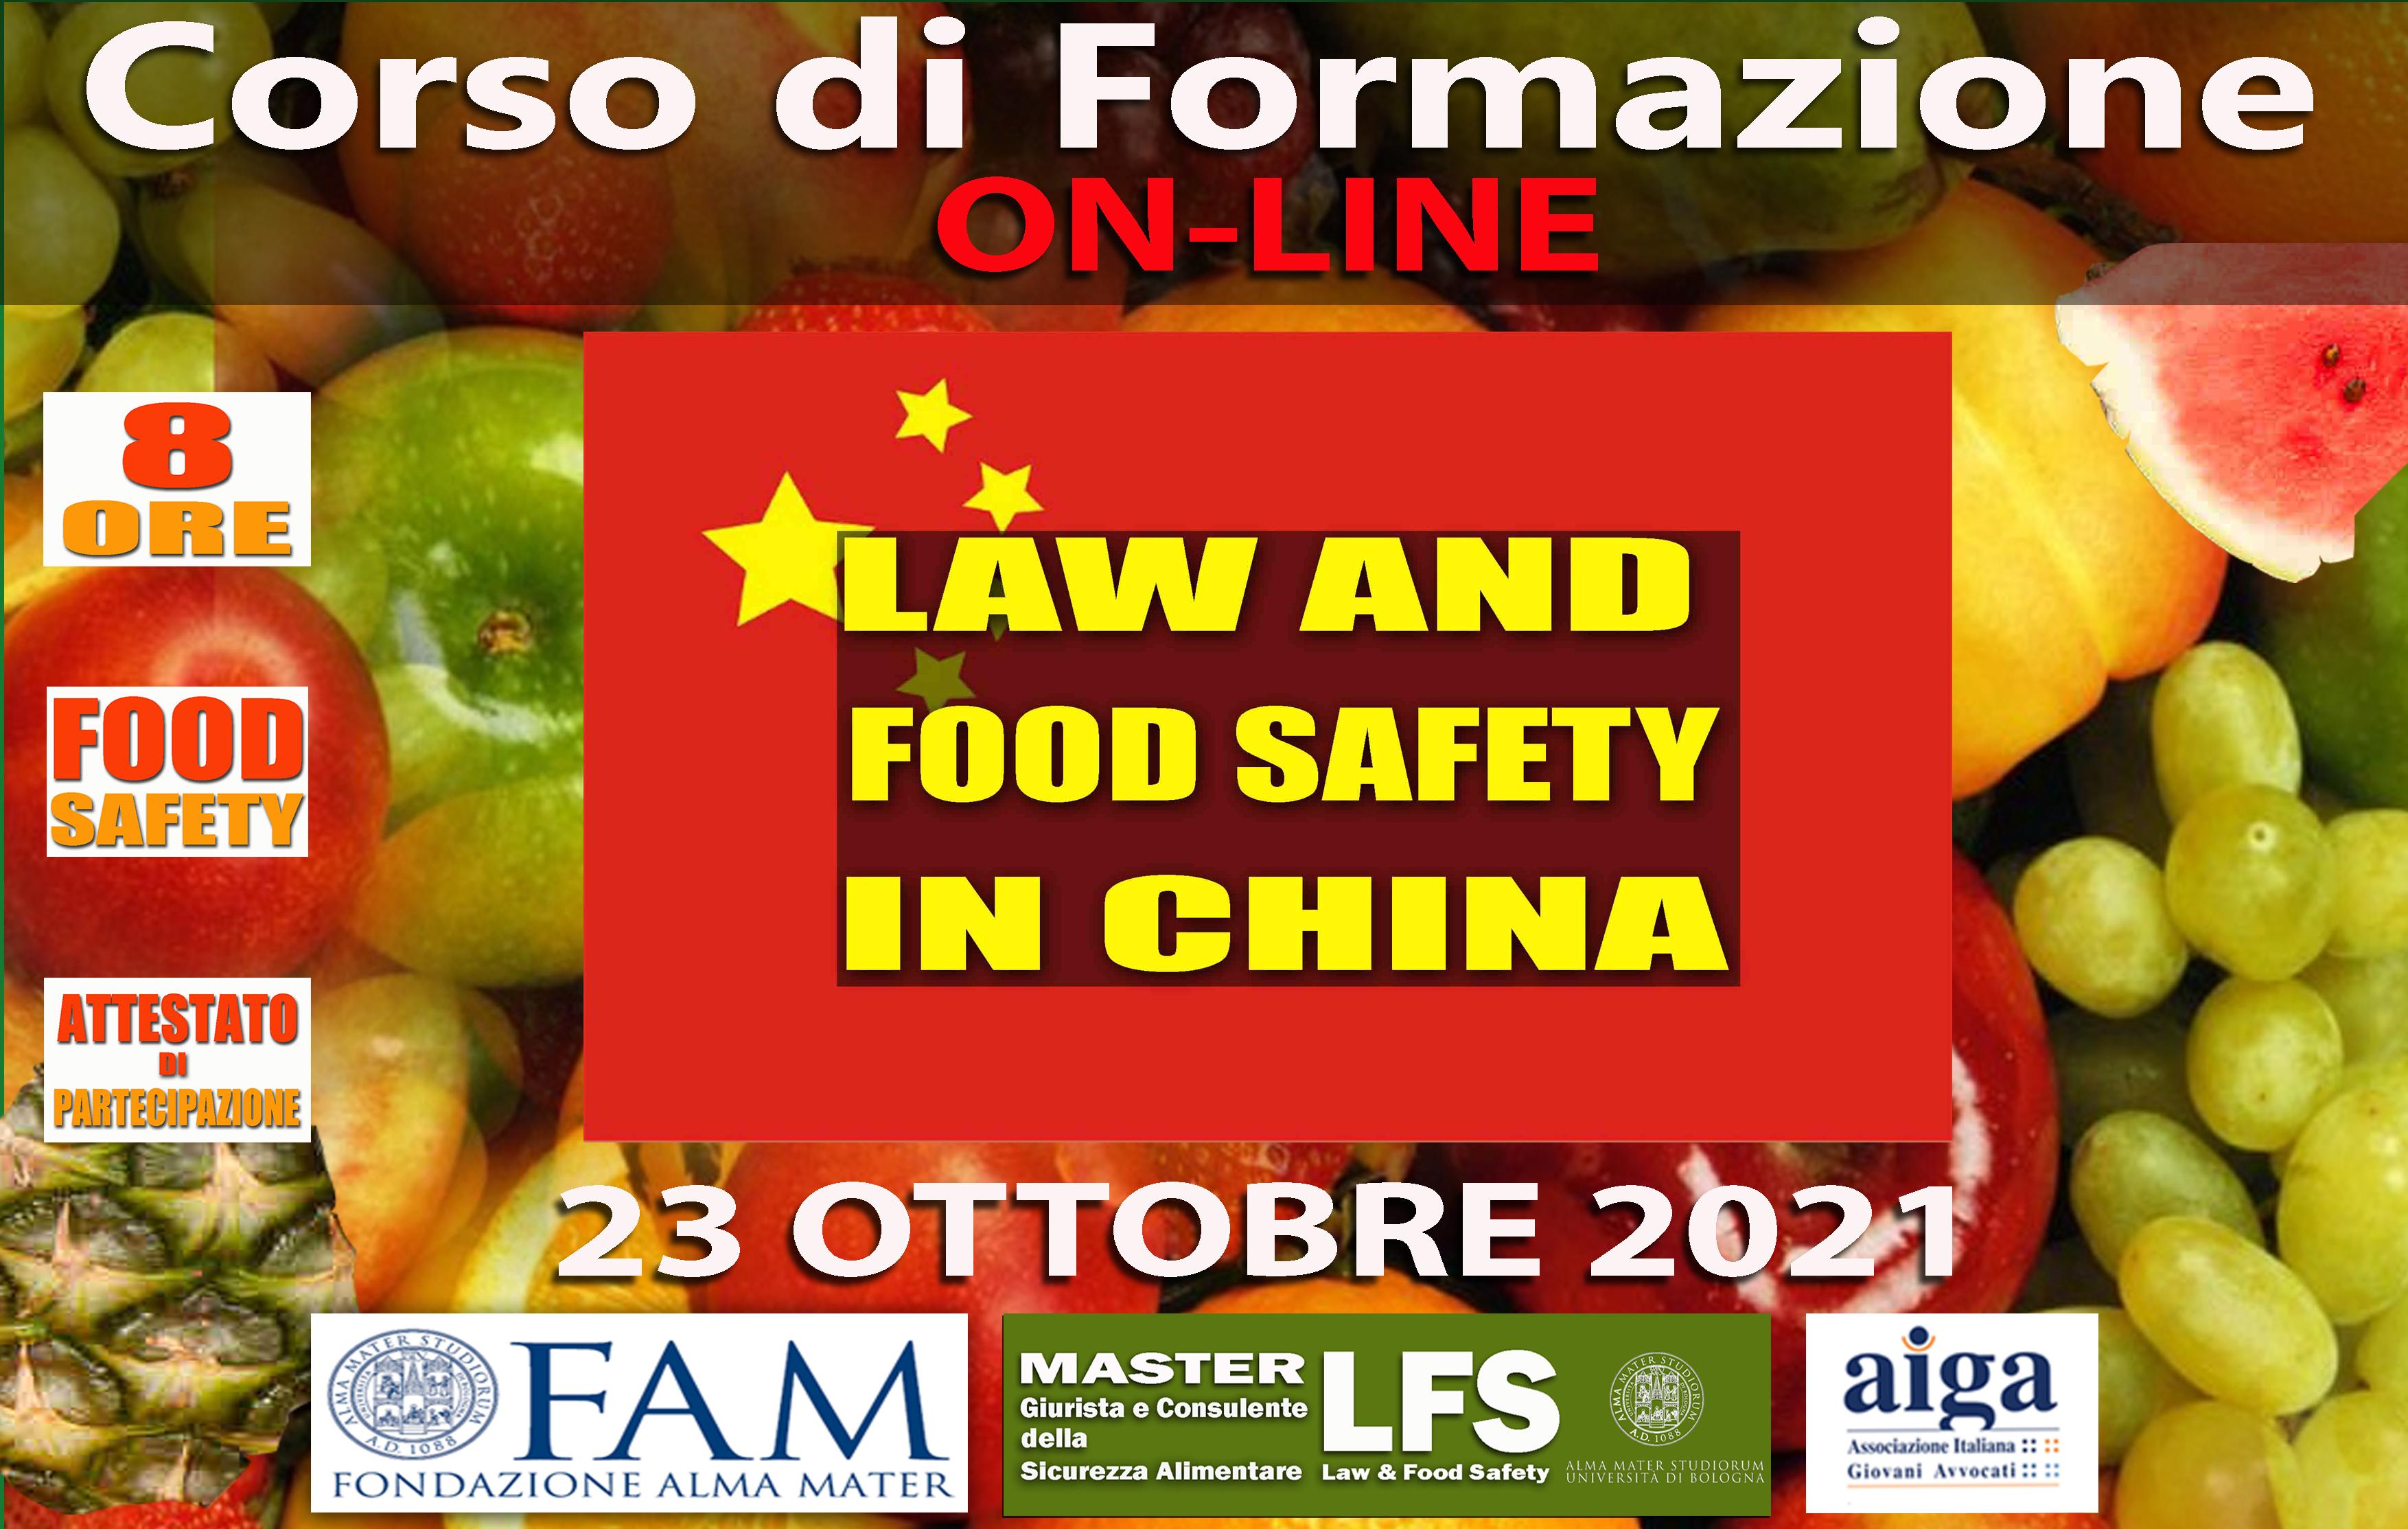 CORSO DI FORMAZIONE LAW AND FOOD SAFETY IN CHINA 23 OTTOBRE 2021